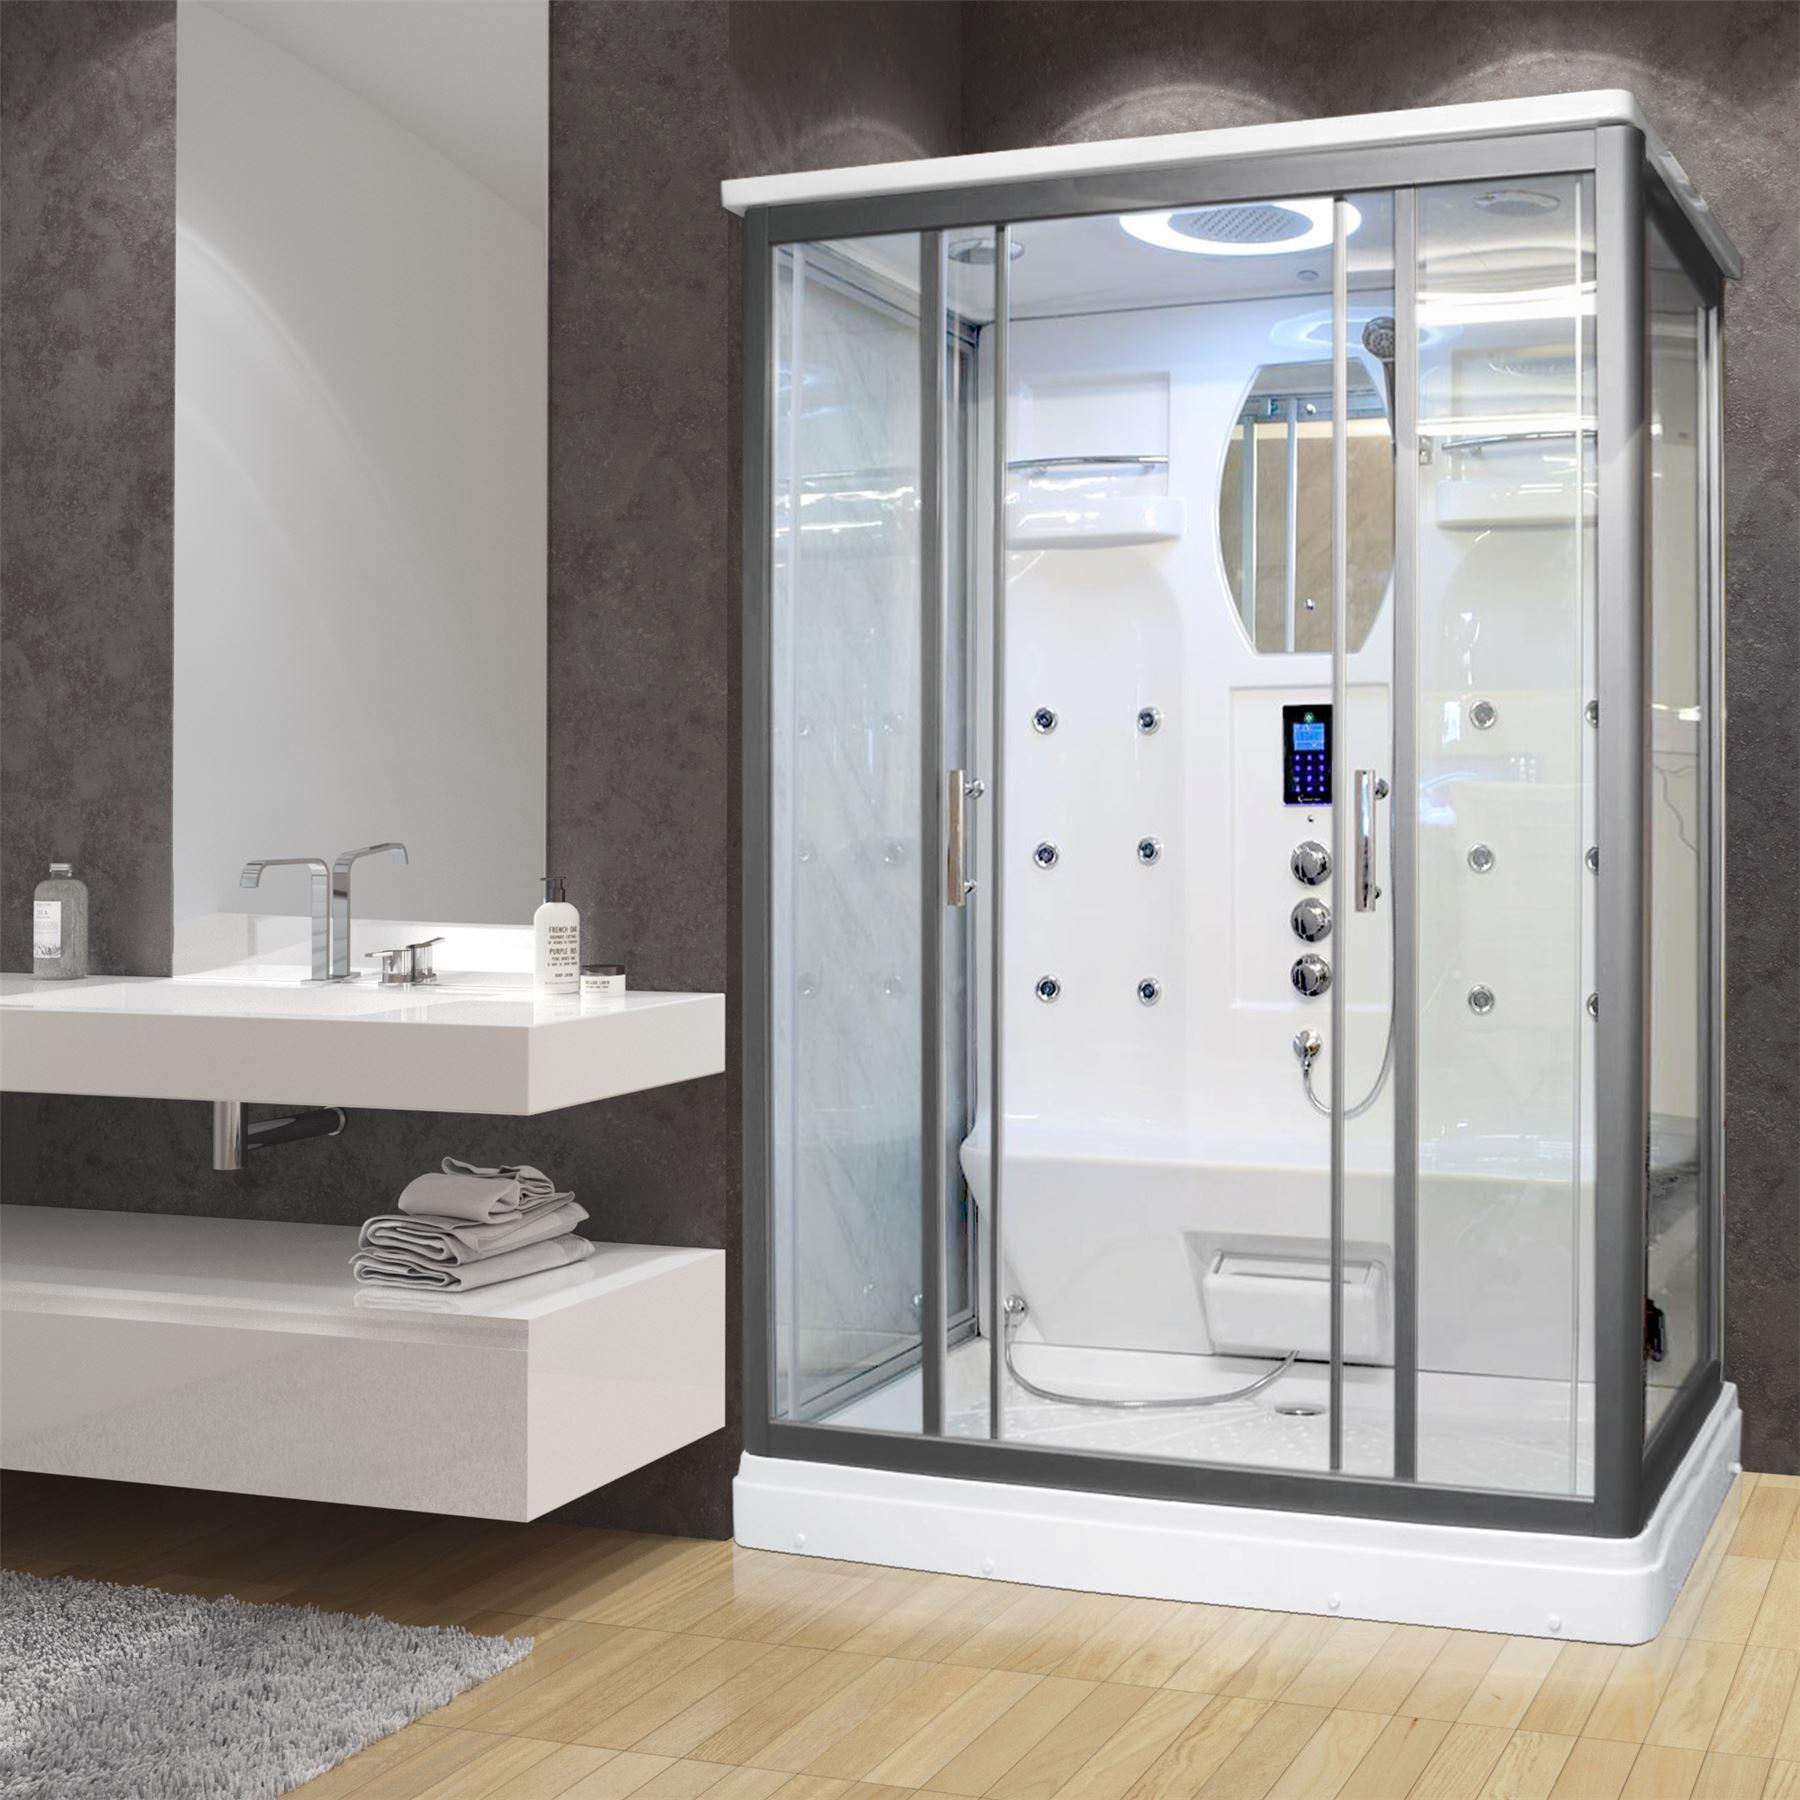 Alpine Twin 2 Person 1400 x 900 Steam Shower Cabin UK\'s Best   eBay